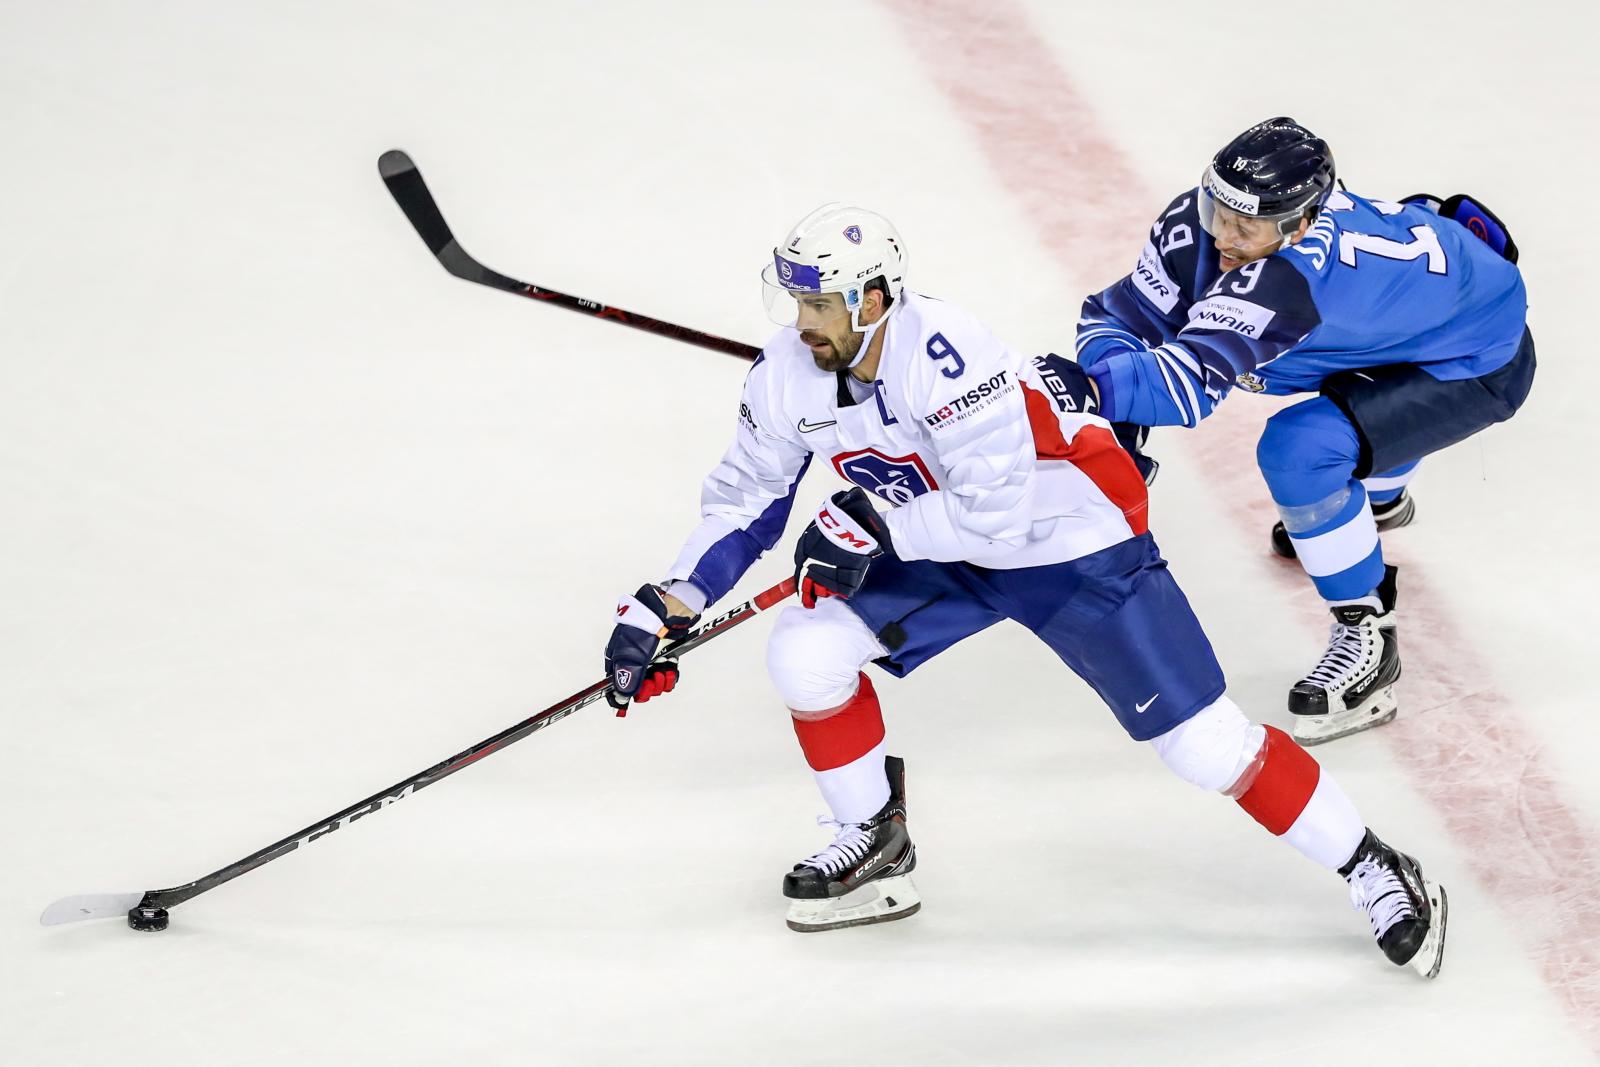 Zawody w hokeju na lodzie na Słowacji. fot.  PAP/EPA/MARTIN DIVISEK